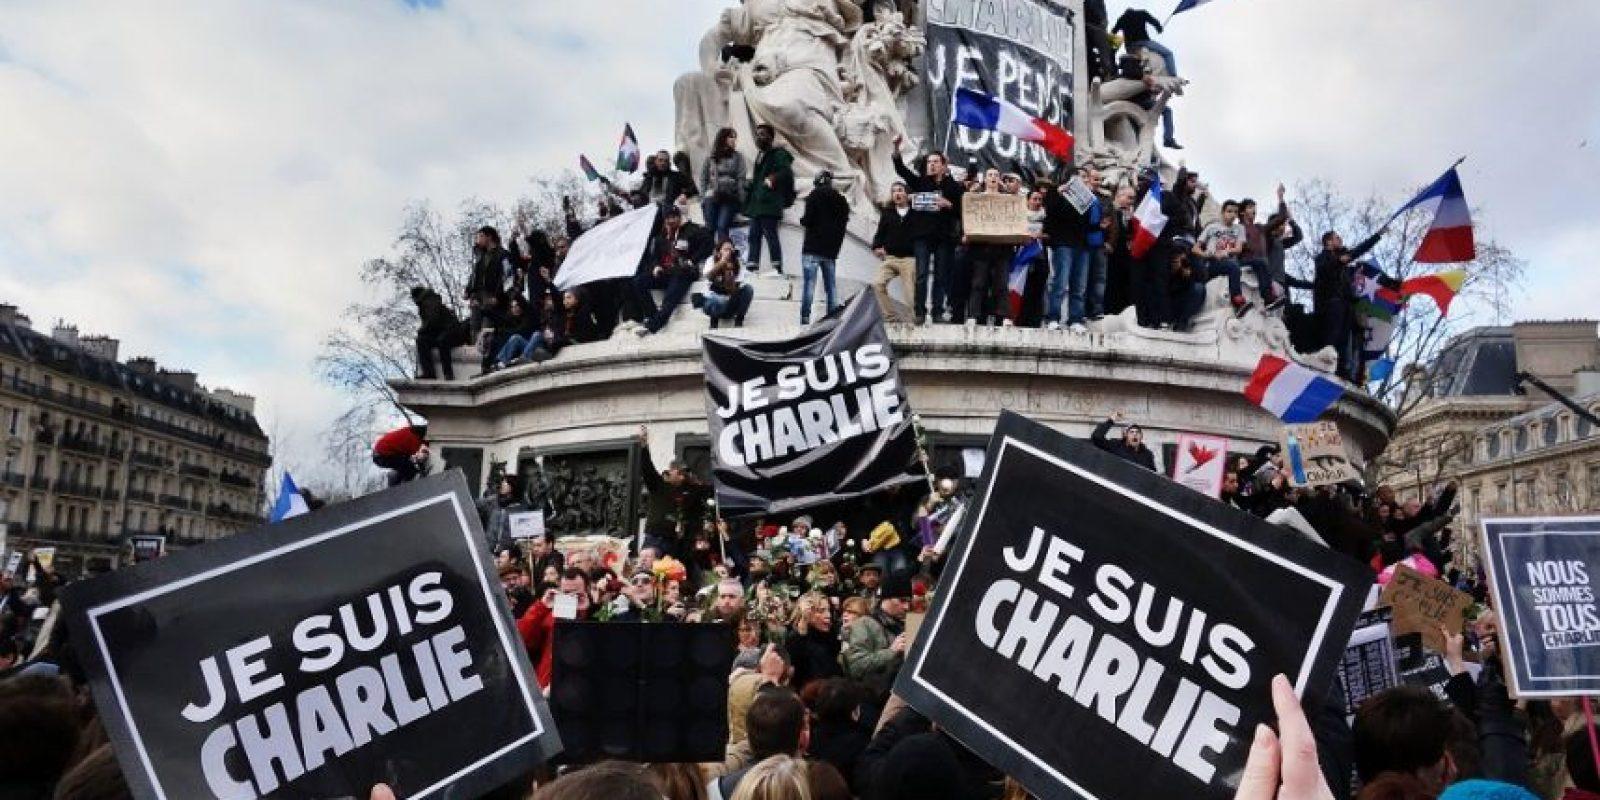 """#JesuisCharlie. La etiqueta que significa """"Soy Charlie"""" fue muy popular en todo el mundo el año pasado después del ataque mortal contra las oficinas de la revista satírica Charlie Hebdo en París. Se ha convertido en uno de los hashtags más utilizados en la historia de Twitter, ya que fue utilizado a una velocidad de 6.500 veces por minuto y contó con 3.4 millones de tweets en un período de 24 horas. Foto:Fuente Externa"""